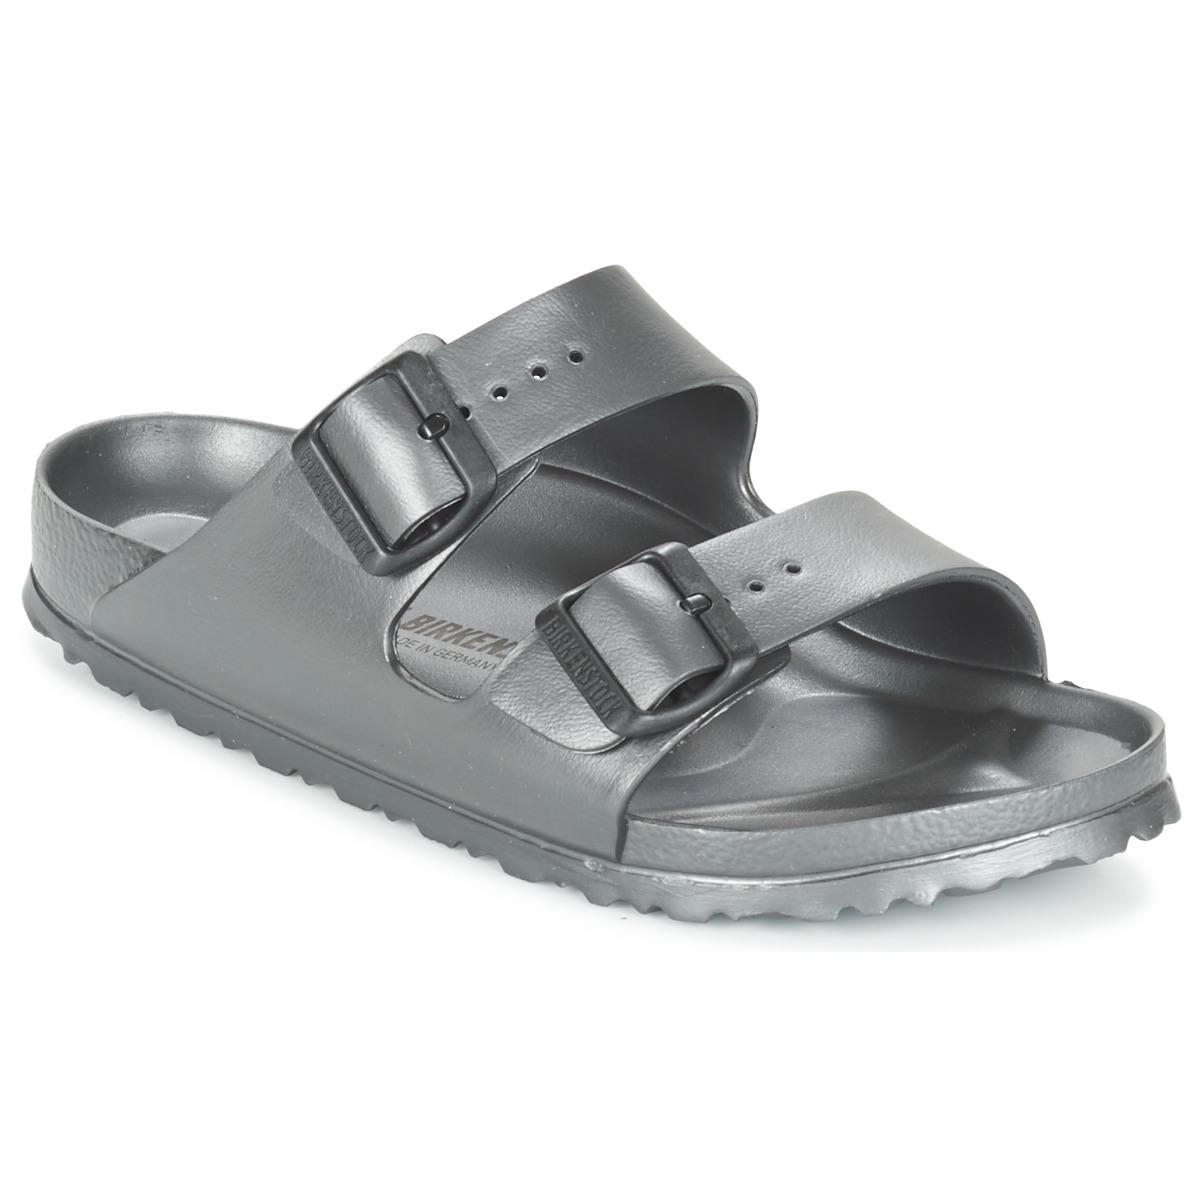 Birkenstock ARIZONA-EVA Grau - ! Kostenloser Versand bei Spartoode ! - - Schuhe Pantoffel Damen 31,99 € fa216d